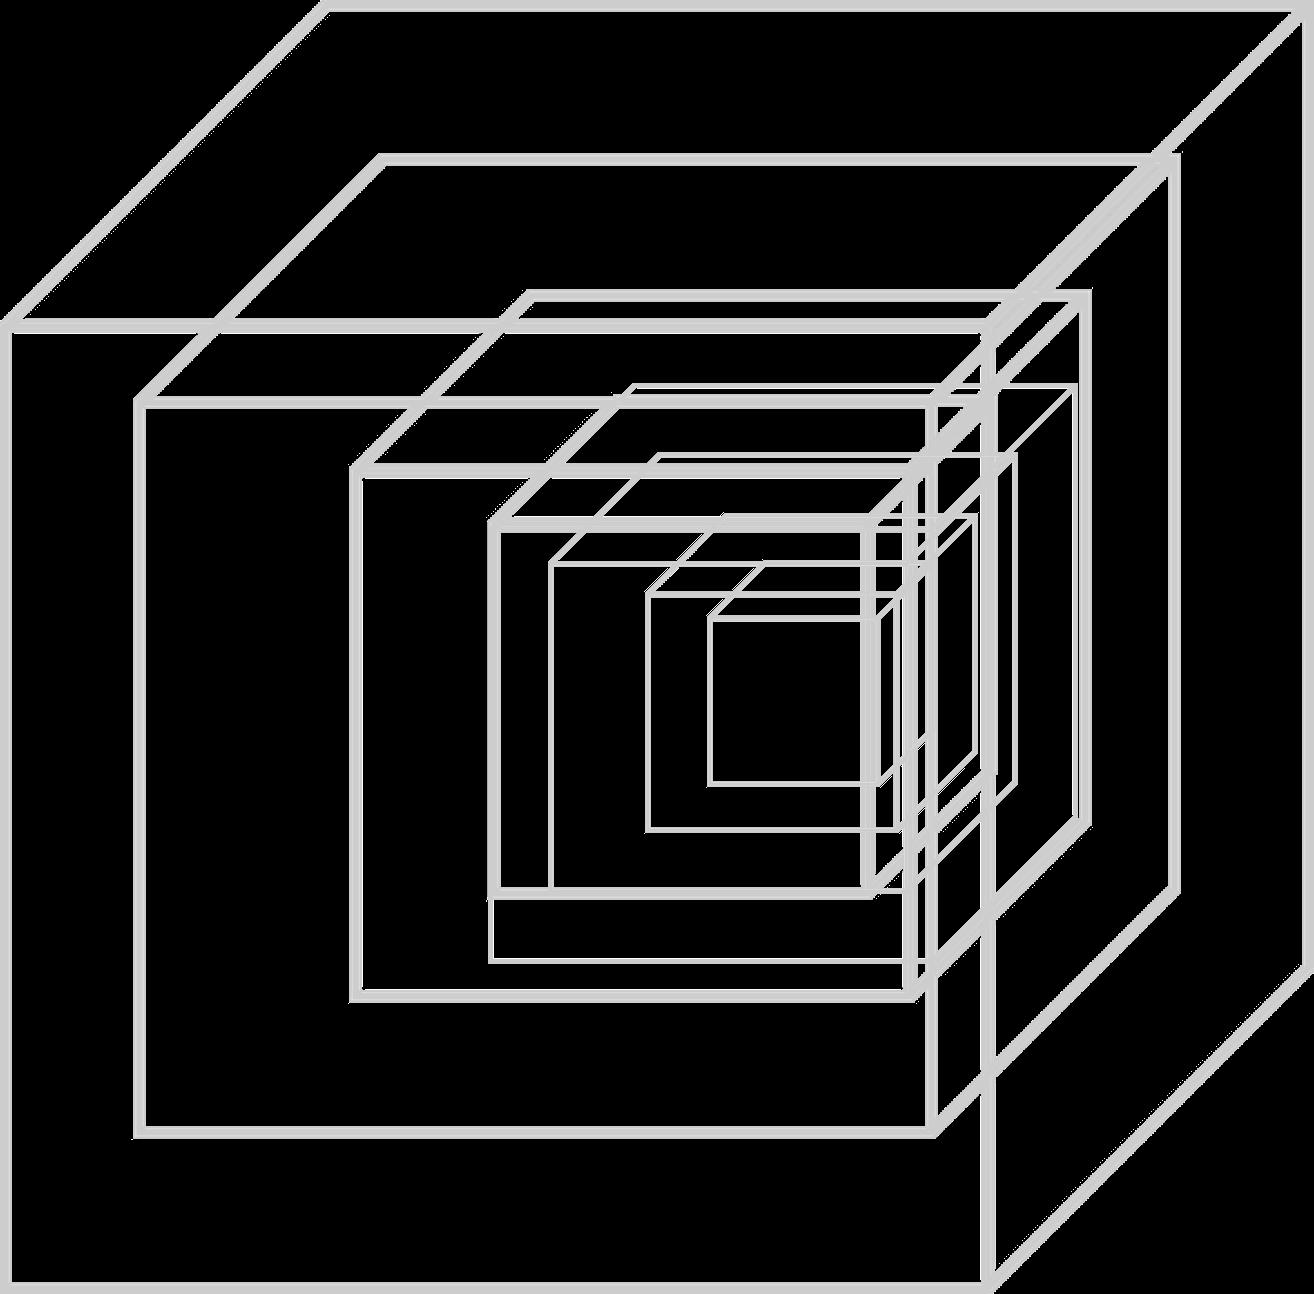 The Even Bigger Infinite Cube